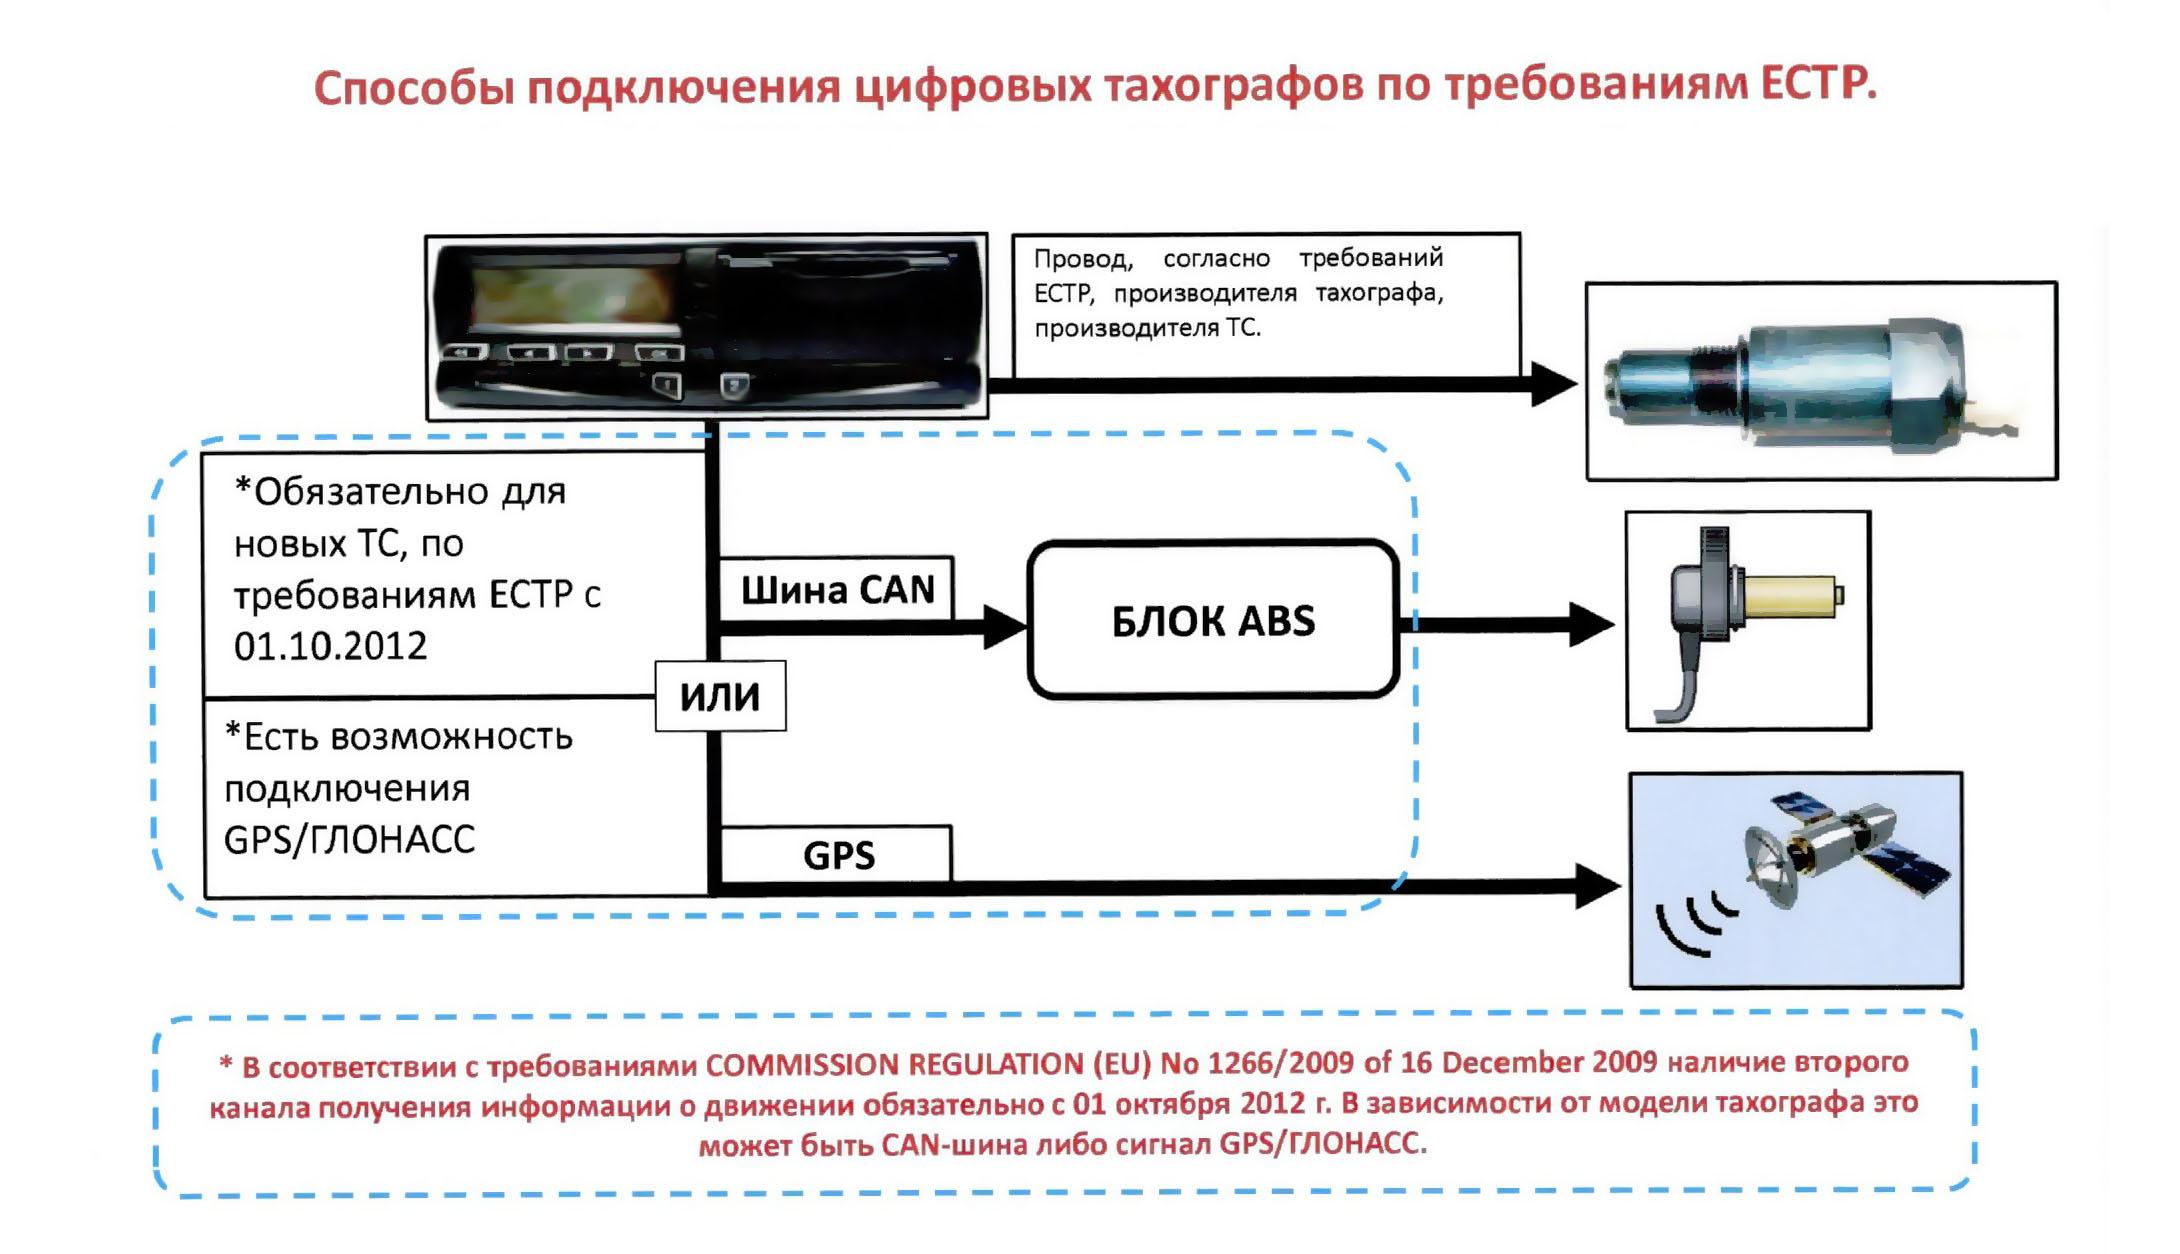 подключение цифровых тахографов по требованию ЕСТР